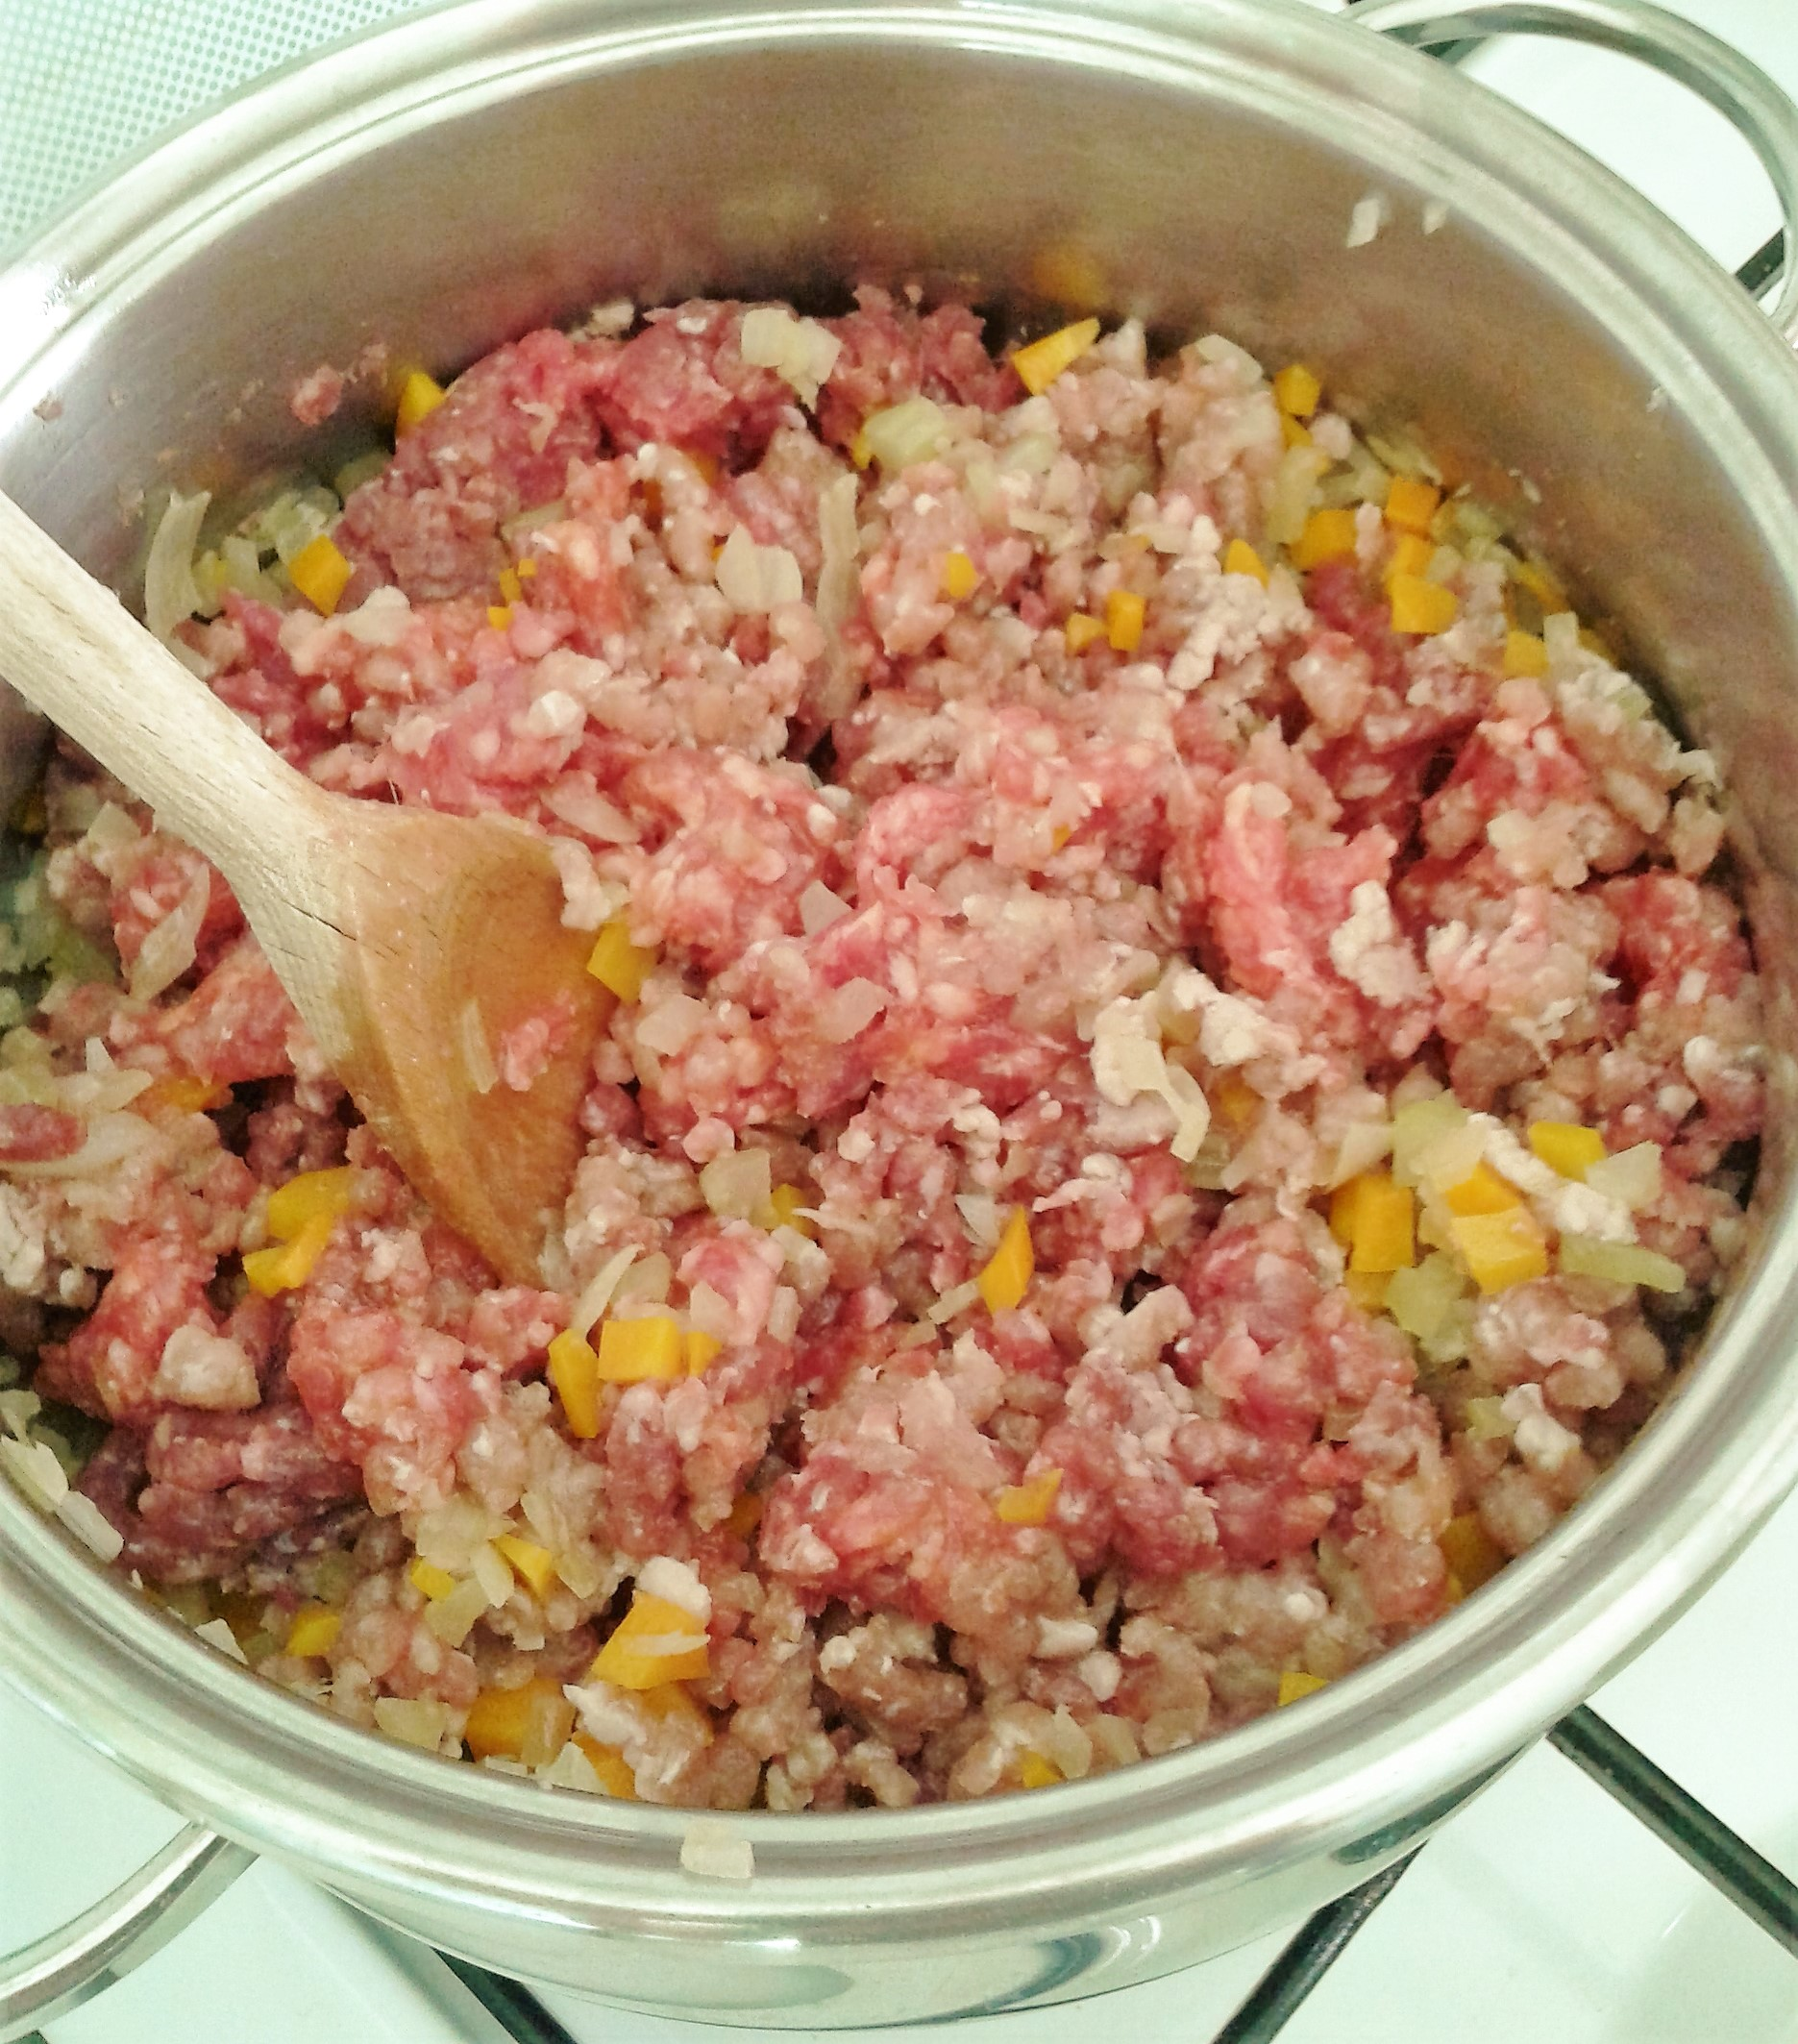 trito di carne e pancetta a inizio cottura